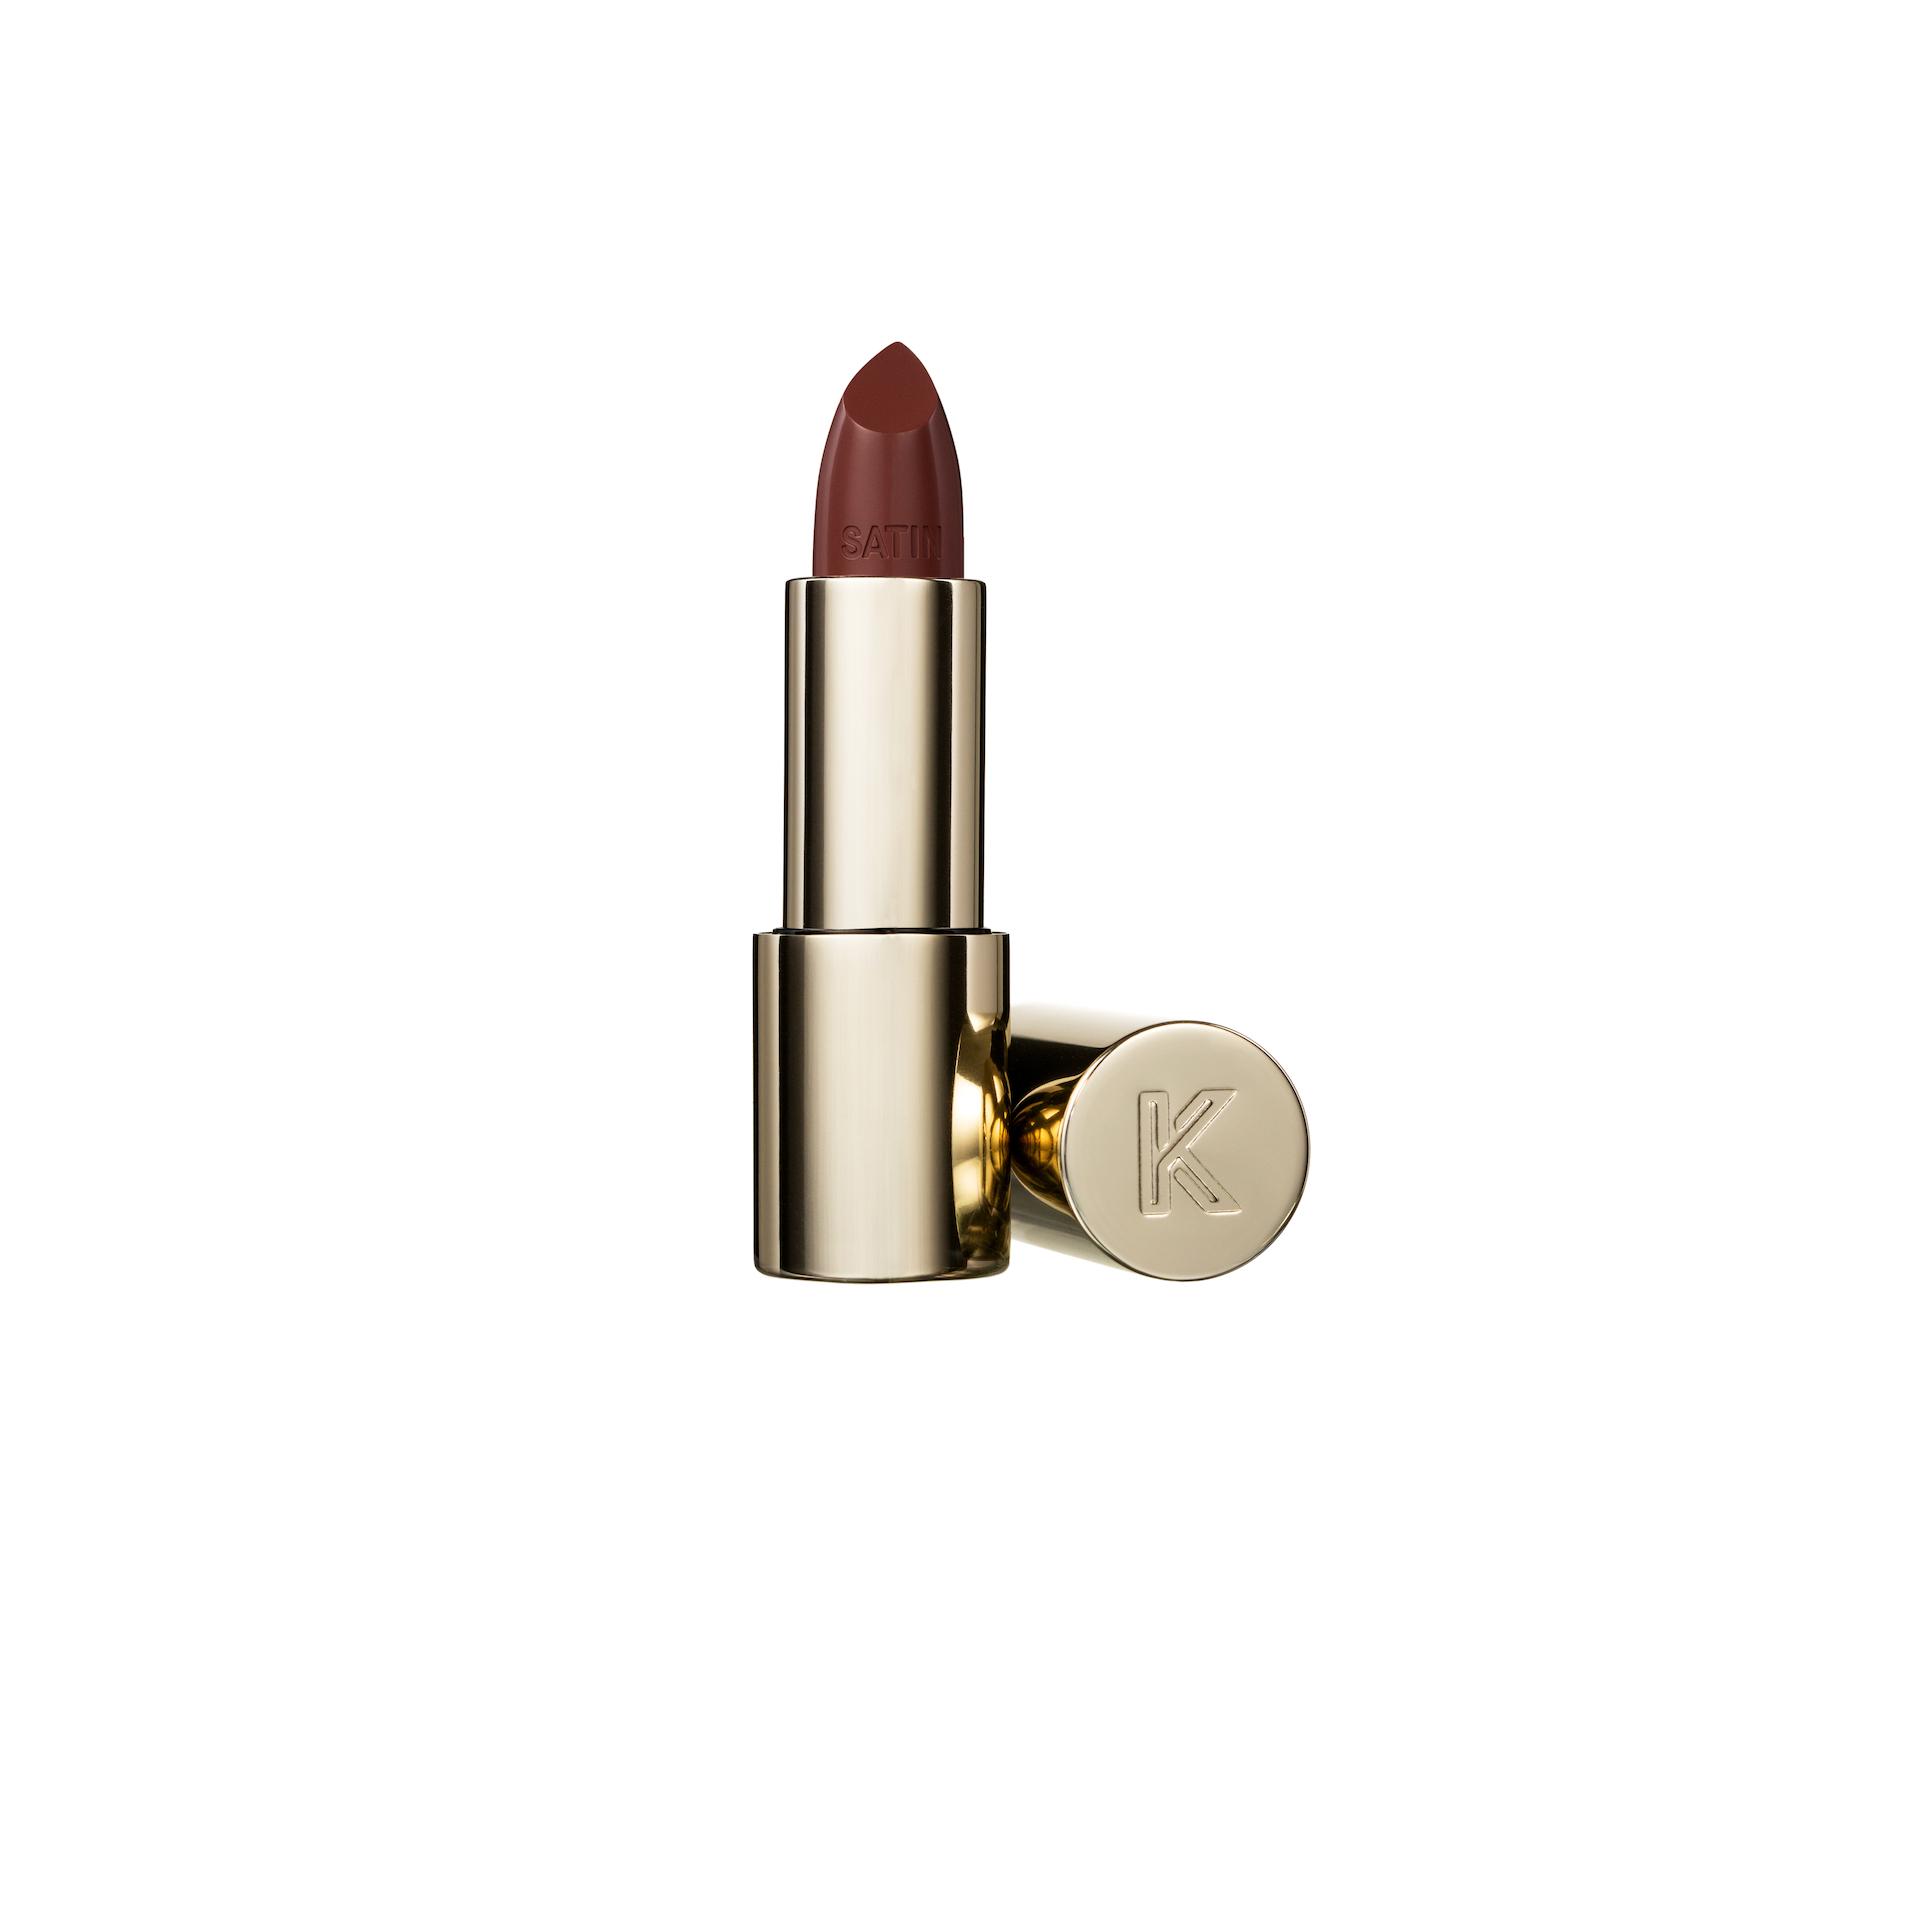 Satin Lipstick 08 Velvet Cream